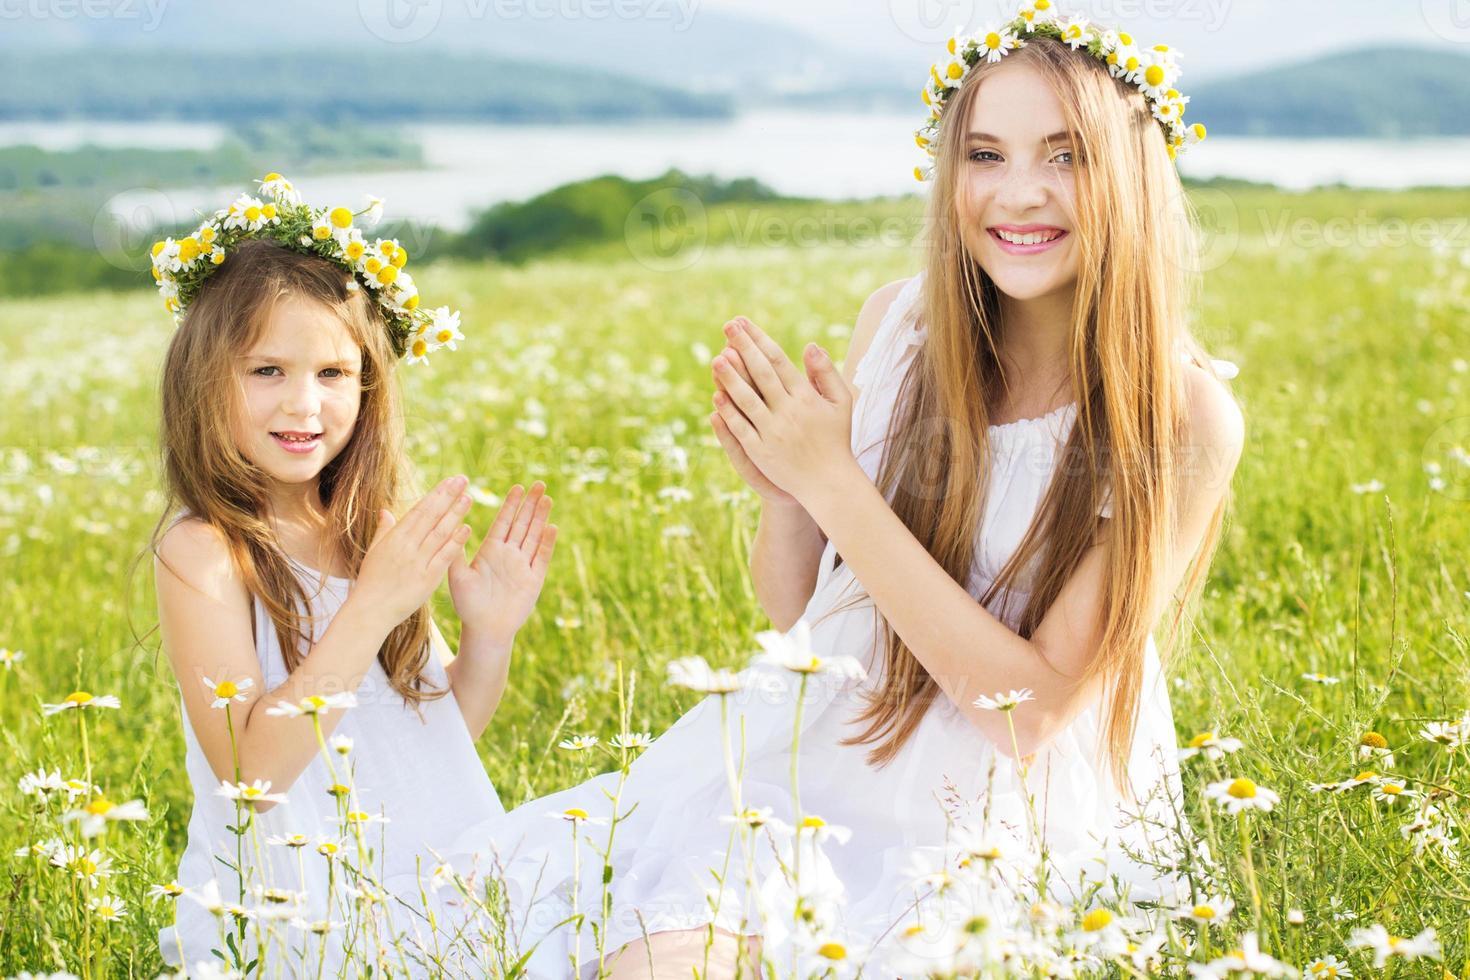 deux amis filles au pré de camomille photo